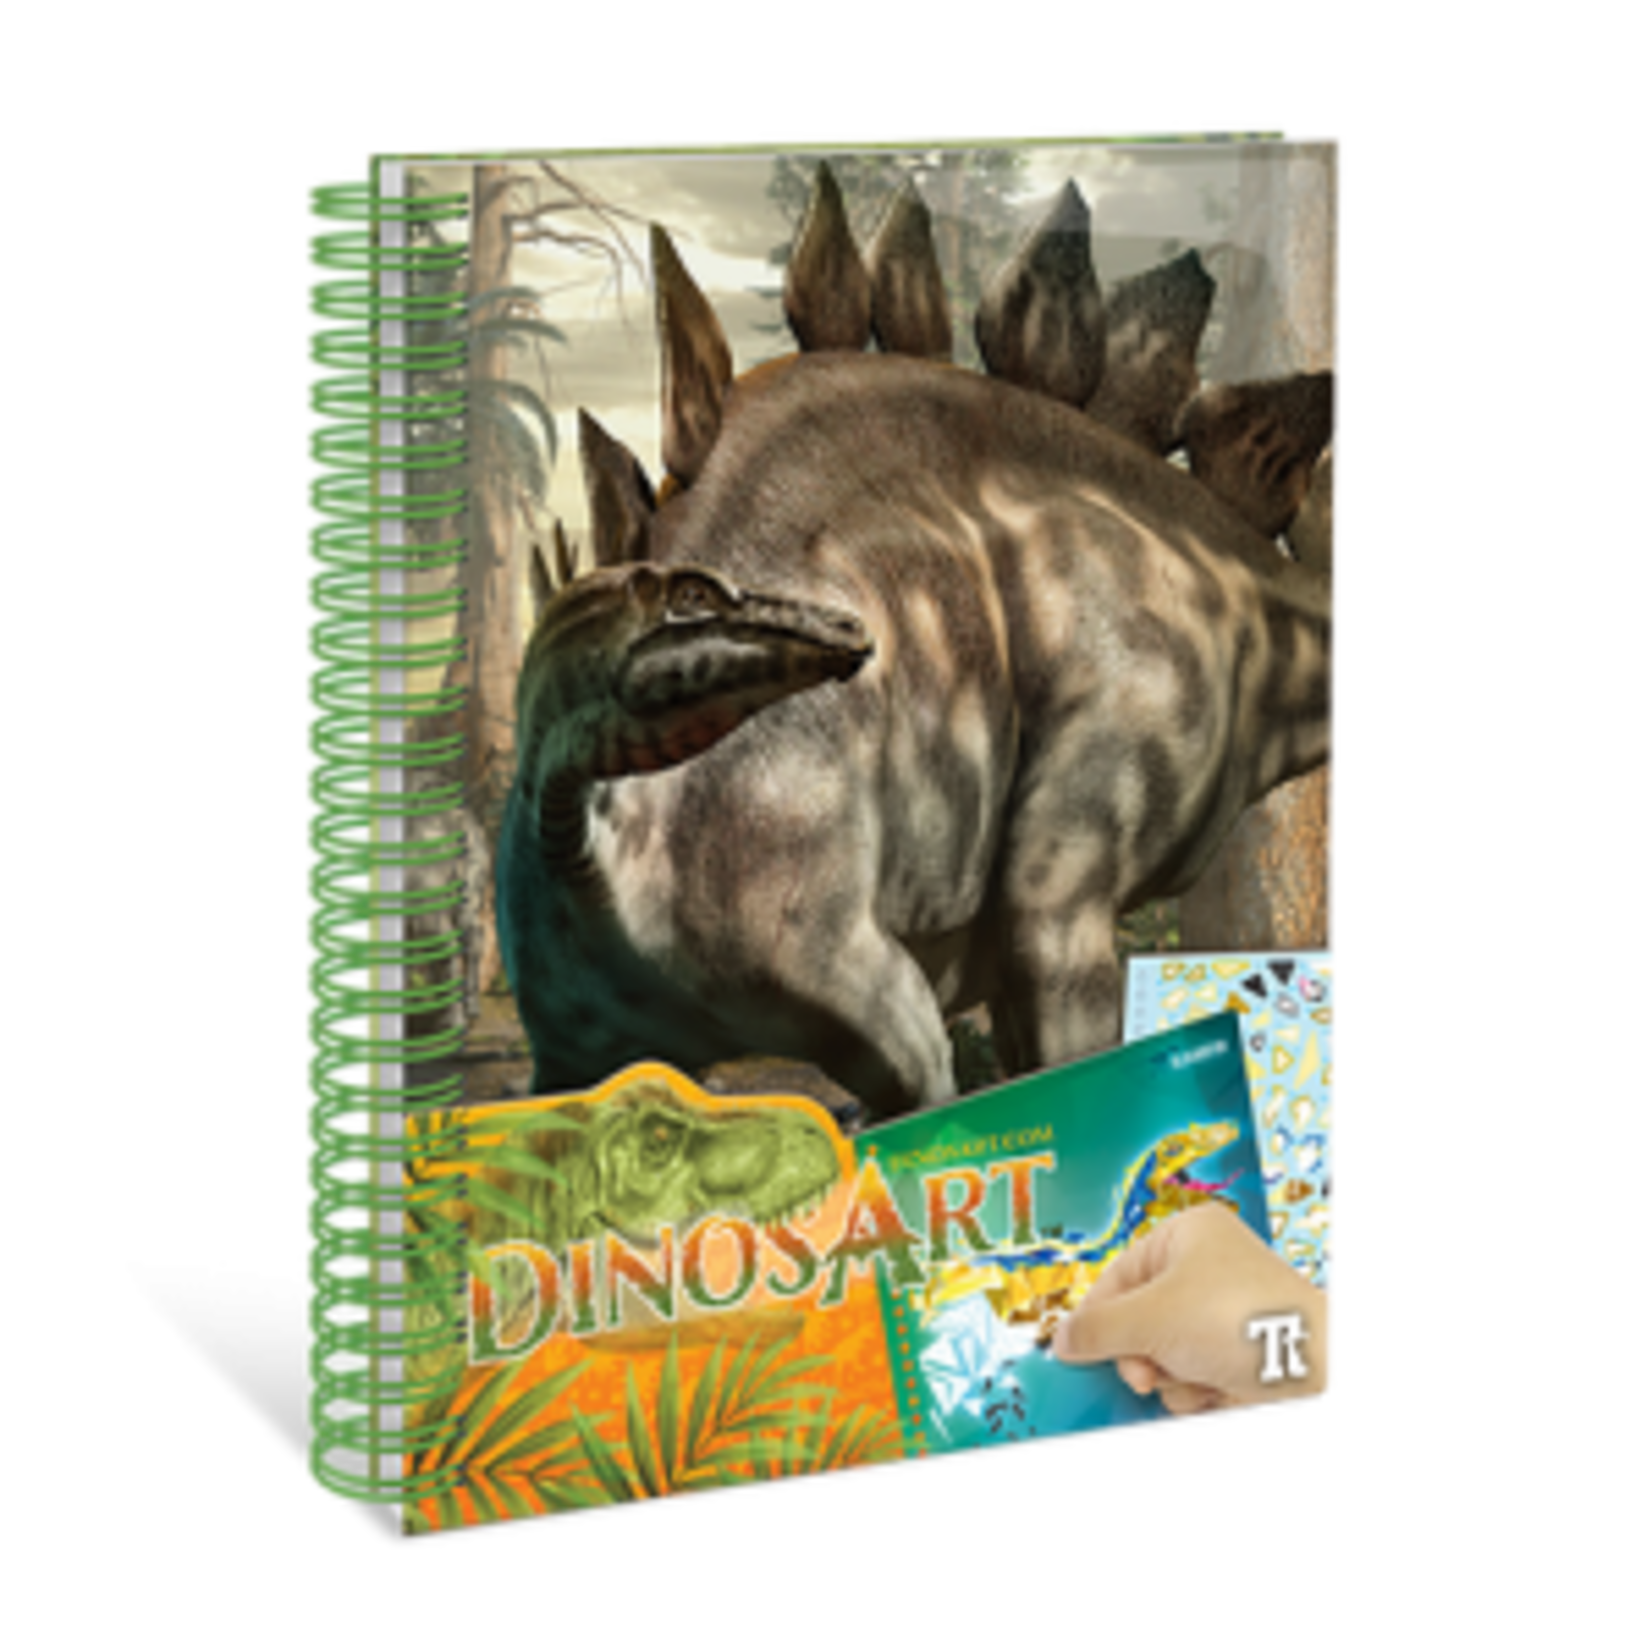 DinosArt DinosArt Peinture Autocollants